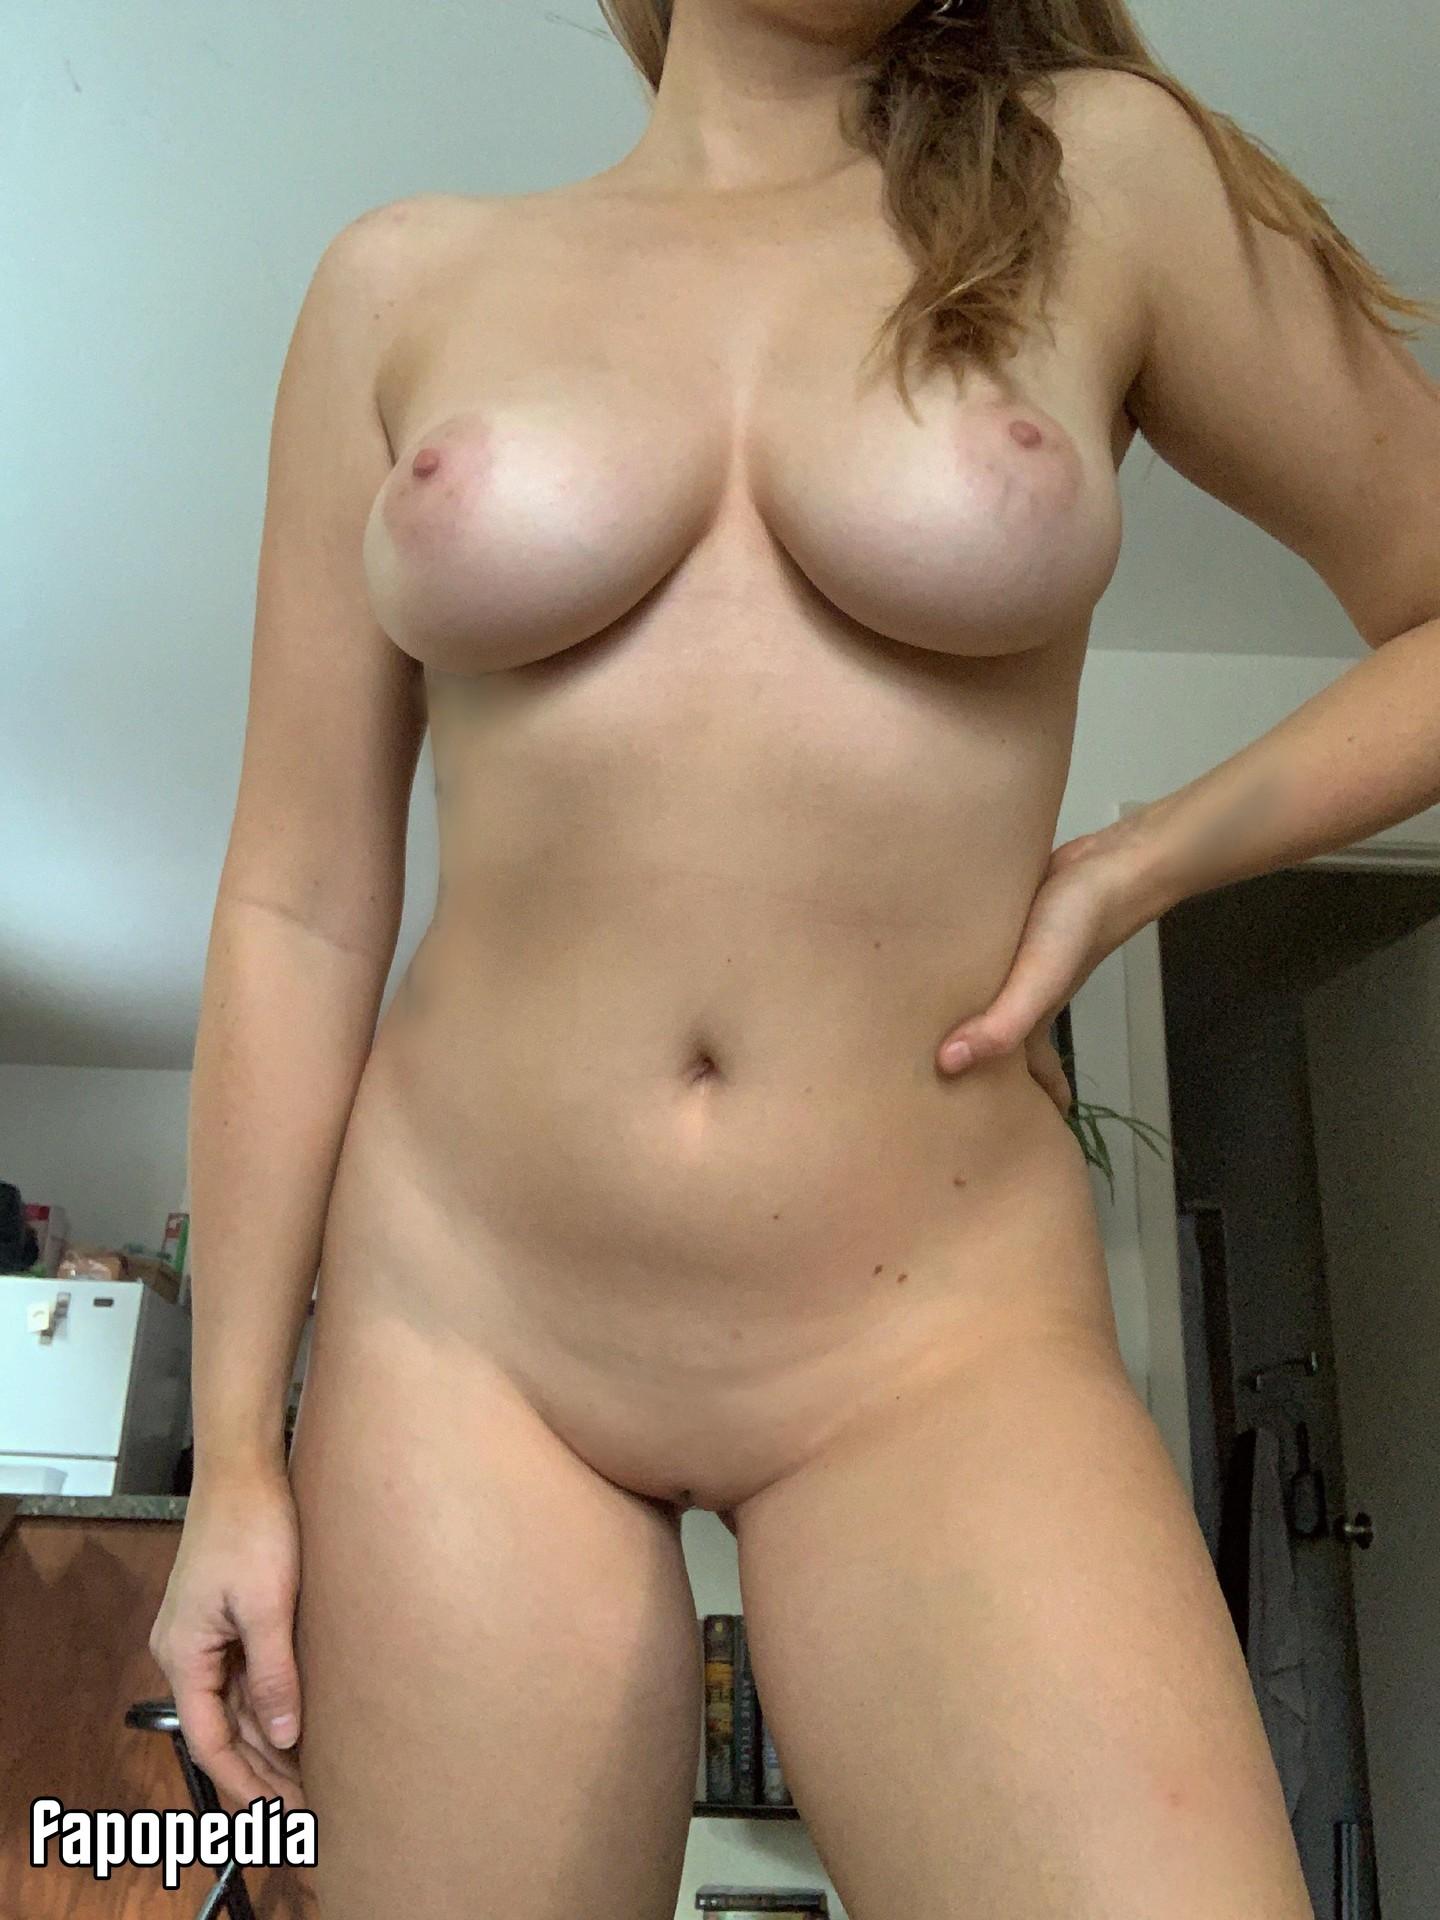 Girlgoldenface Nude Leaks